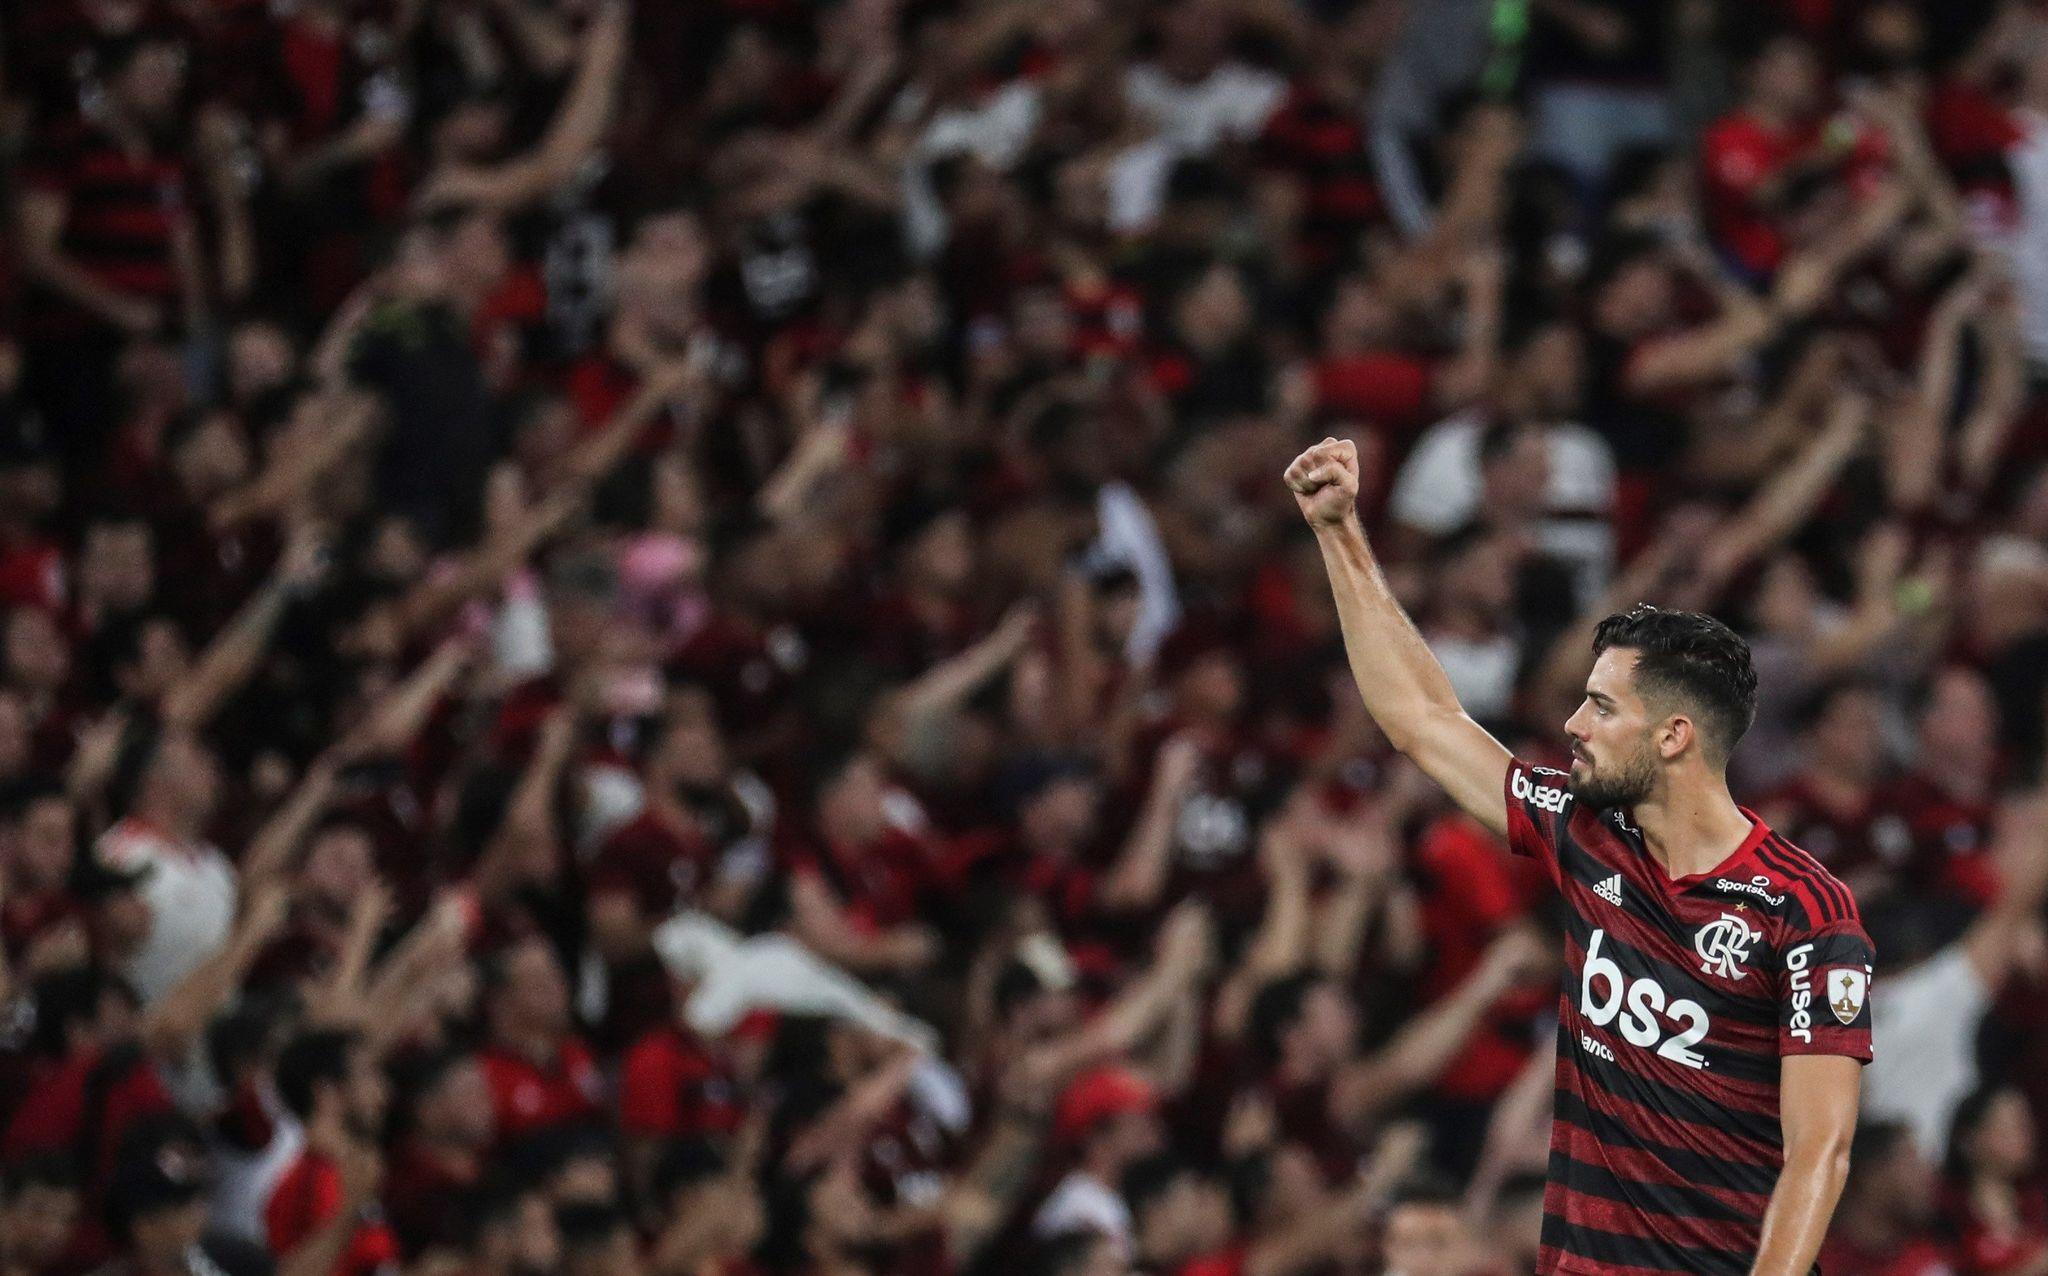 AME4342. RÍO DE JANEIRO (BRASIL), 23/10/2019.- El jugador de Flamengo <HIT>Pablo</HIT><HIT>Marí</HIT> celebra un este miércoles en el partido de vuelta por las semifinales de la Copa Libertadores entre los clubes brasileños Flamengo y Gremio en el estadio Maracaná de Río de Janeiro (Brasil). EFE/ Antonio Lacerda